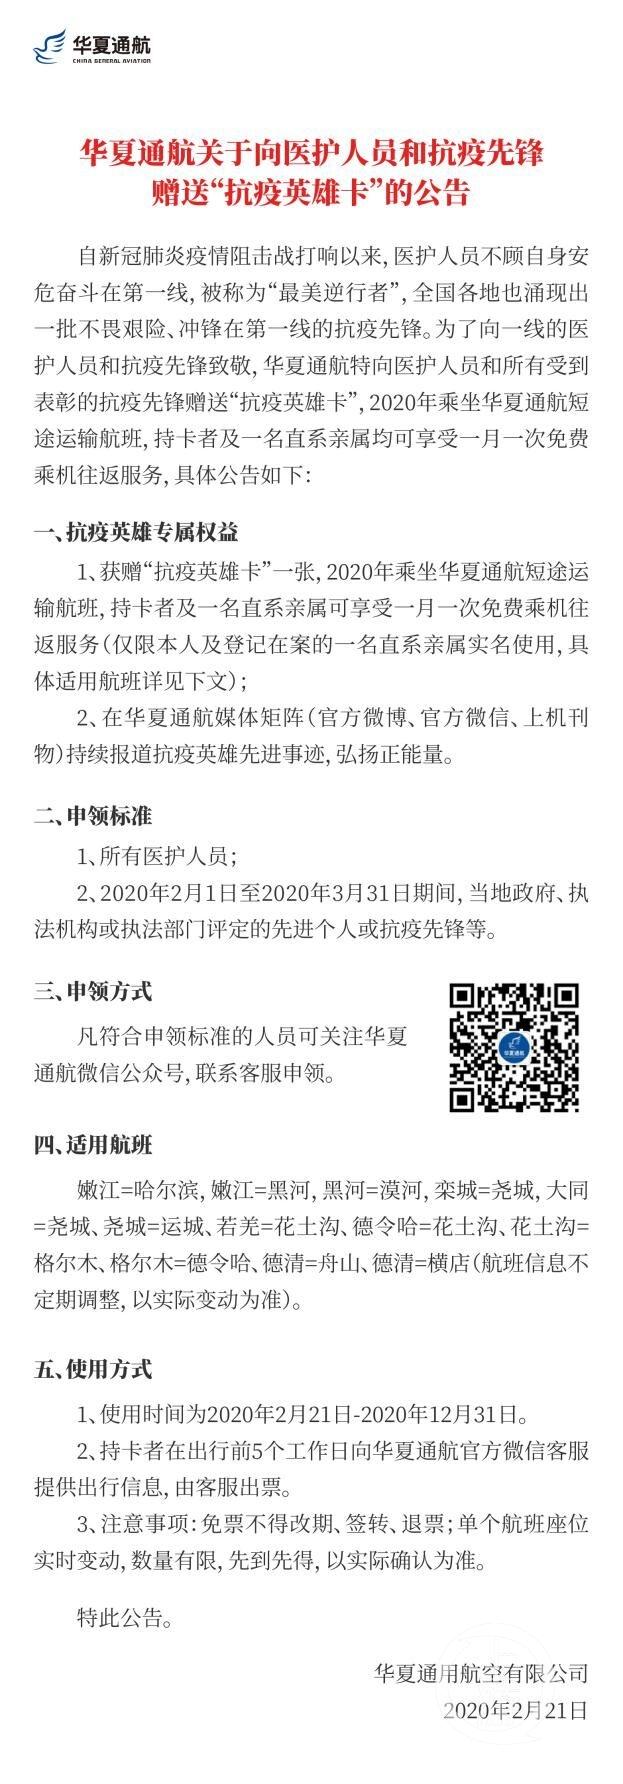 QQ图片20200222190853.jpg